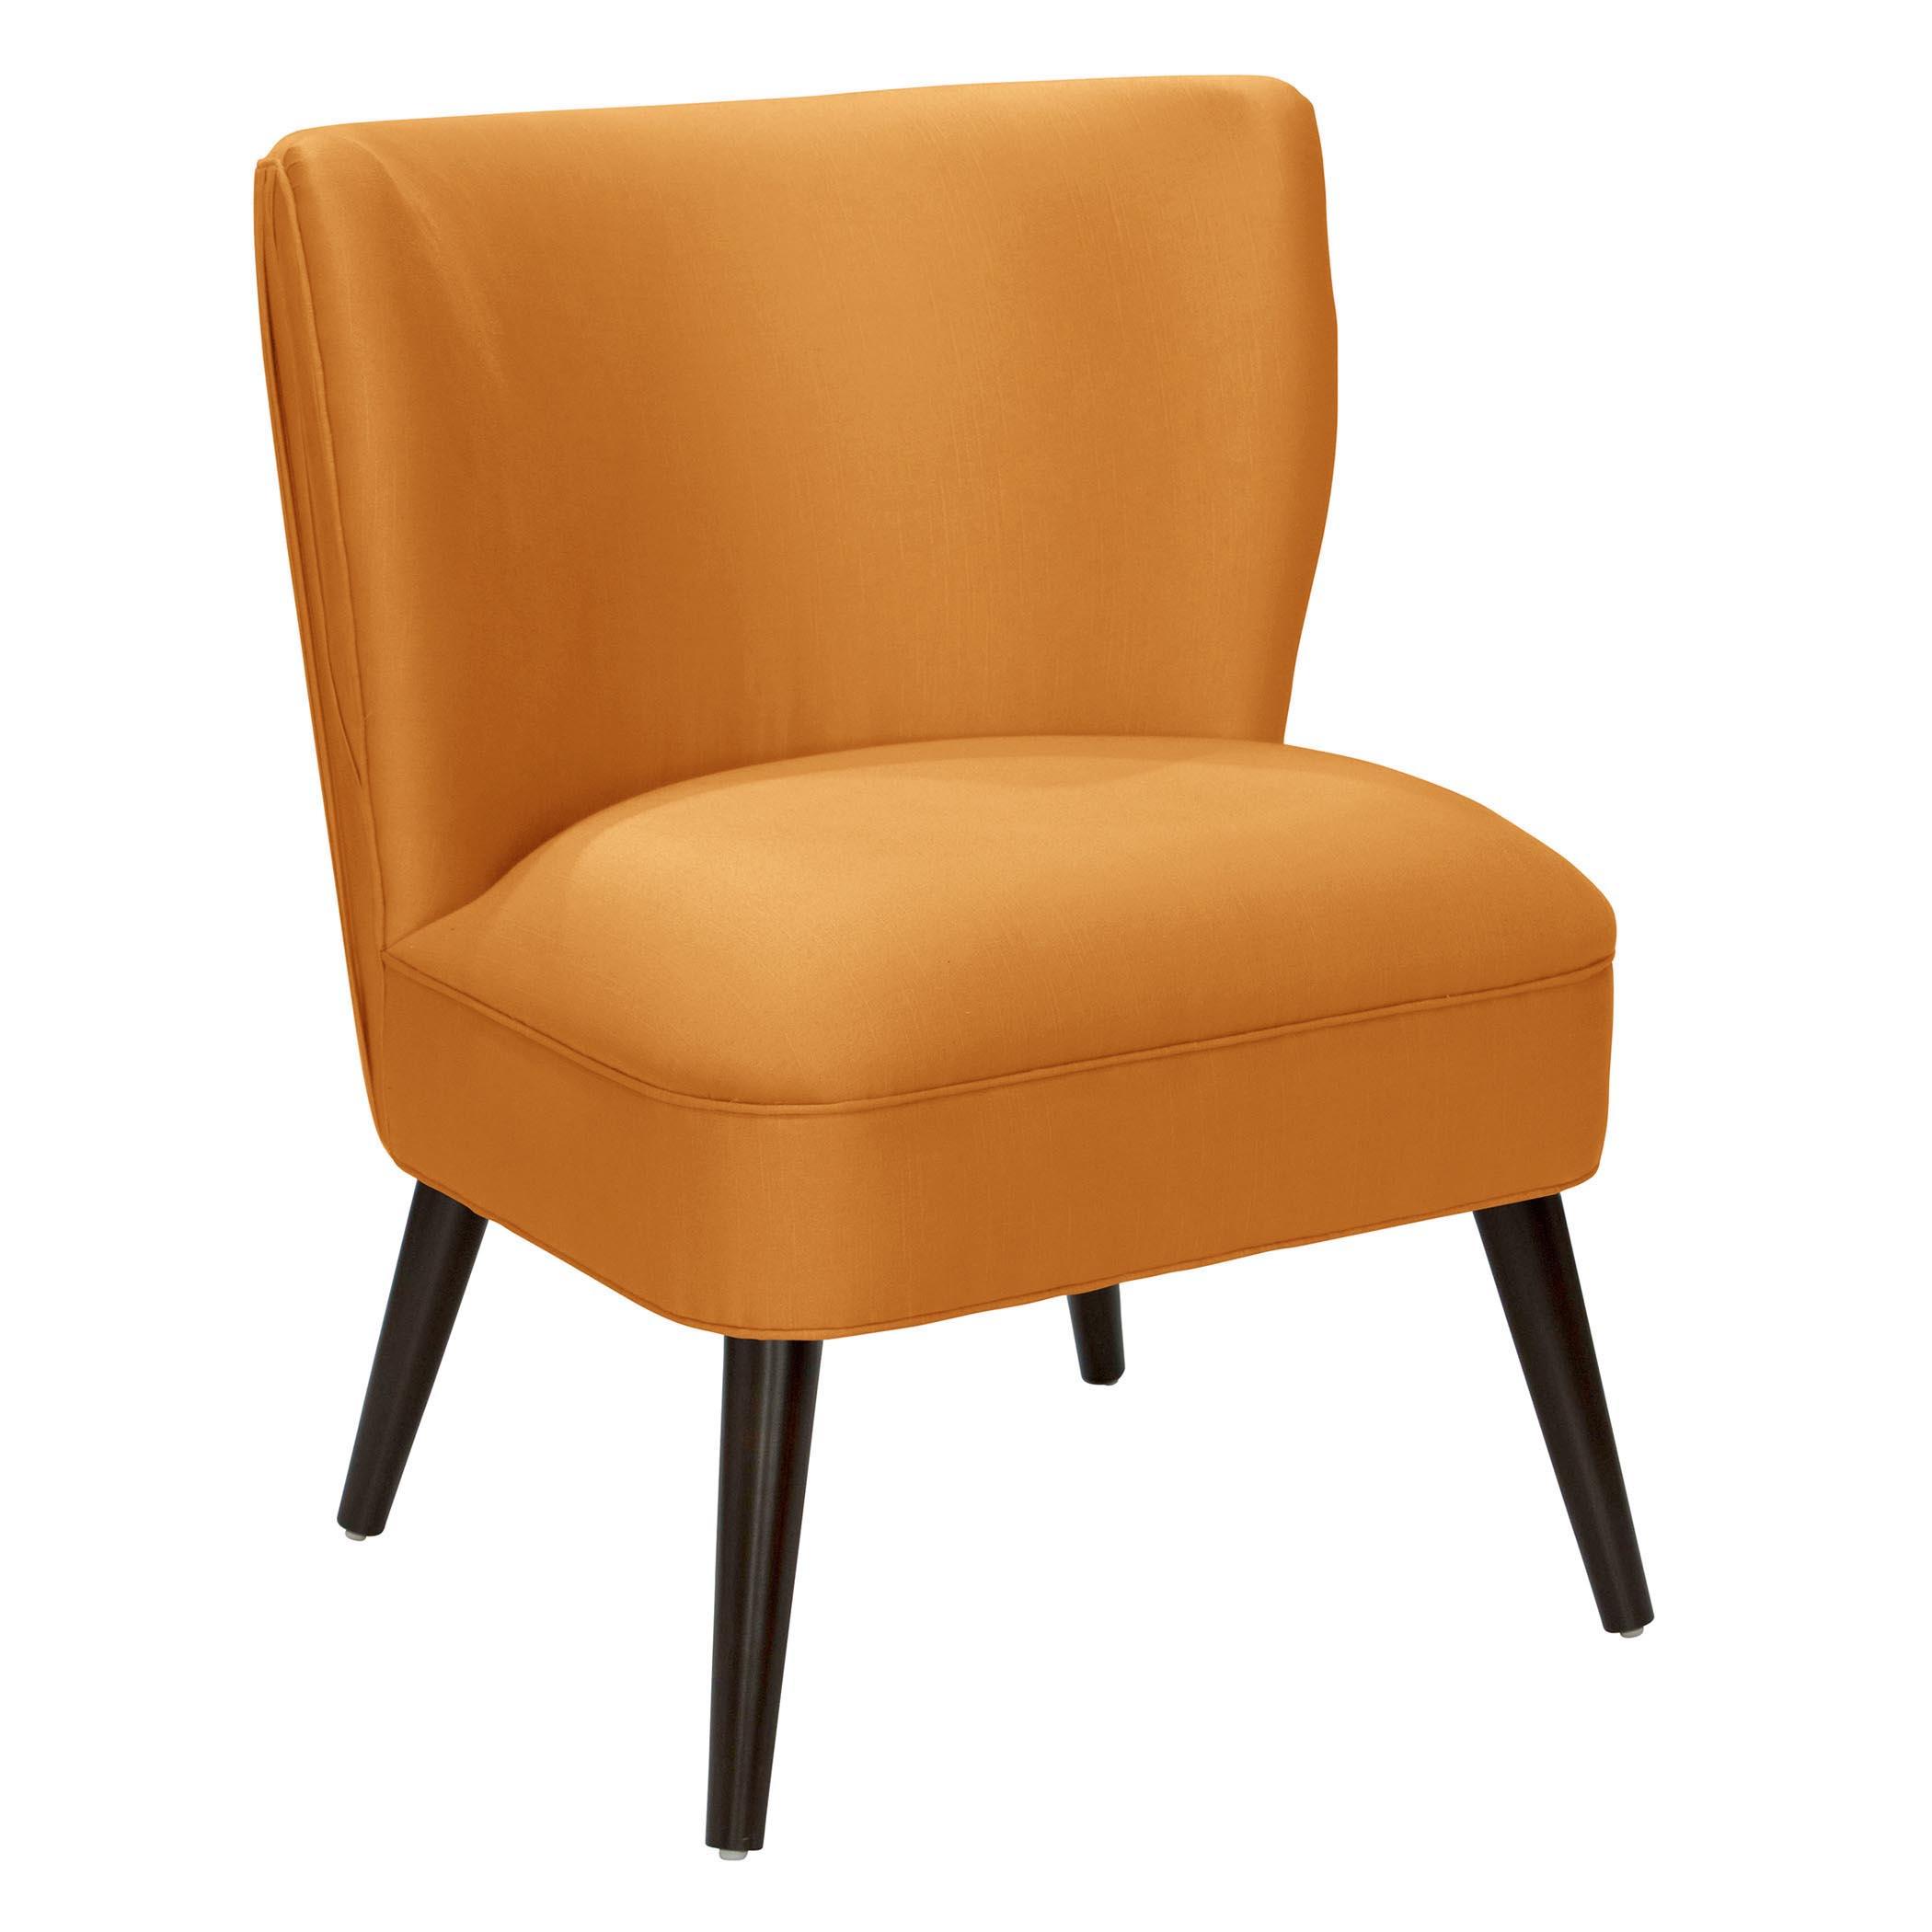 Lara Chair